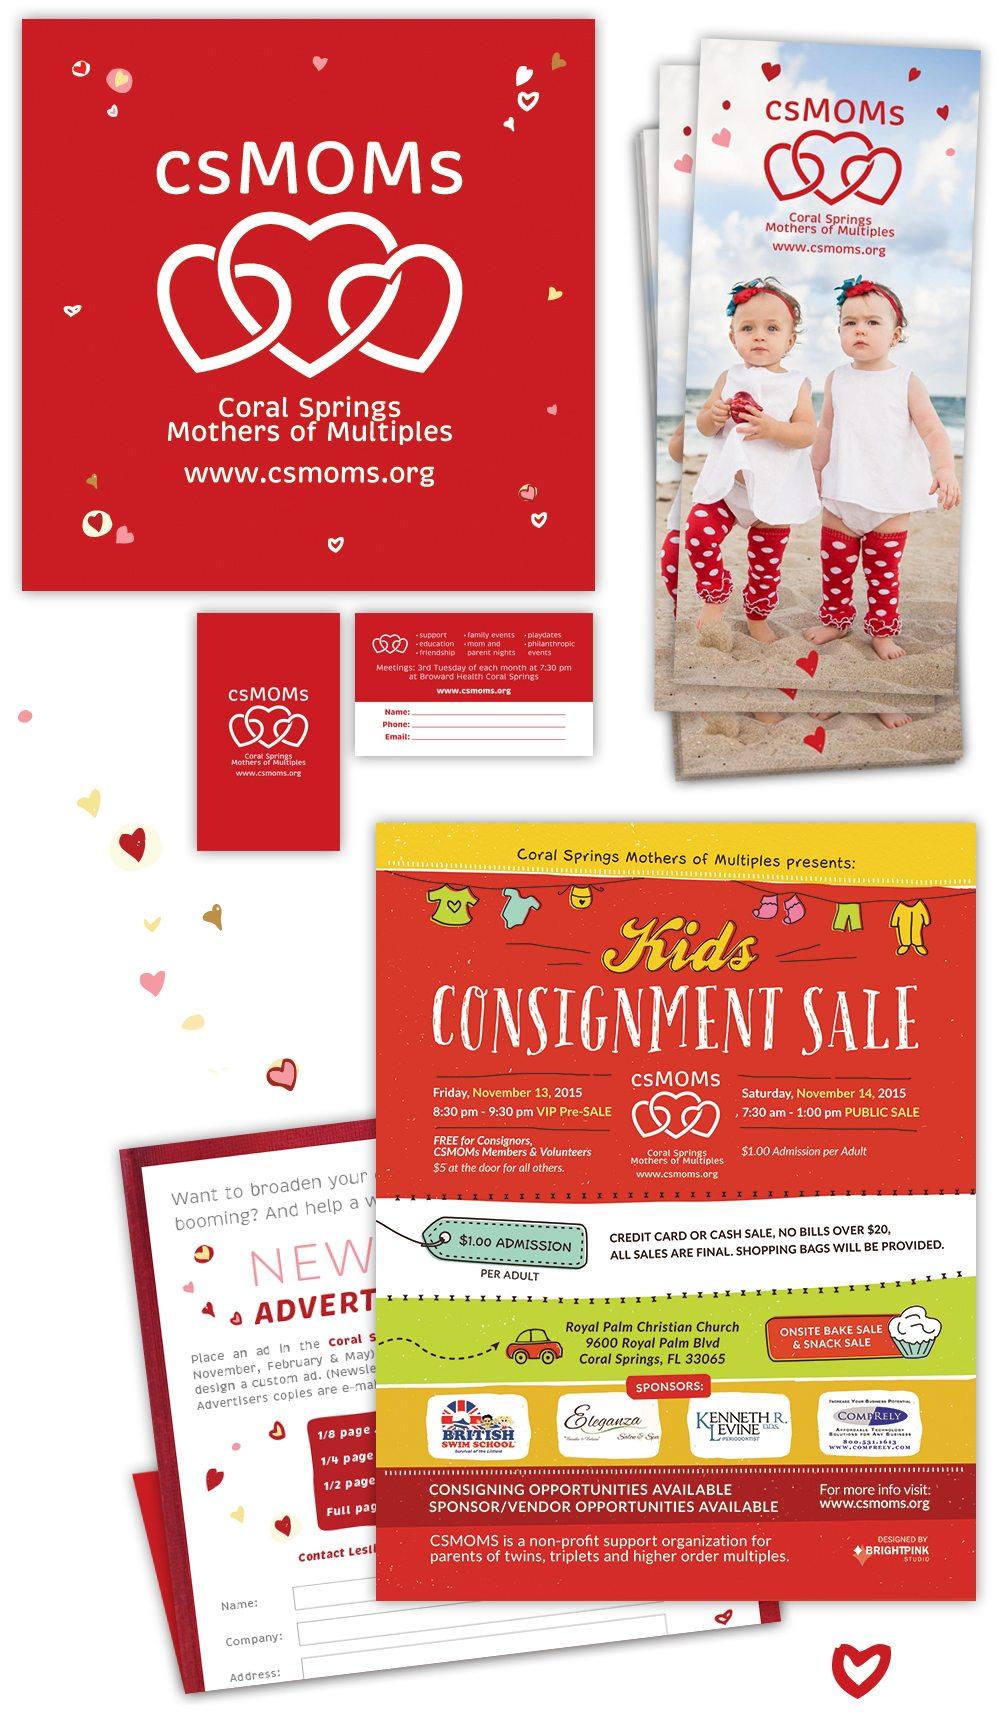 csmoms print brochure flyer design